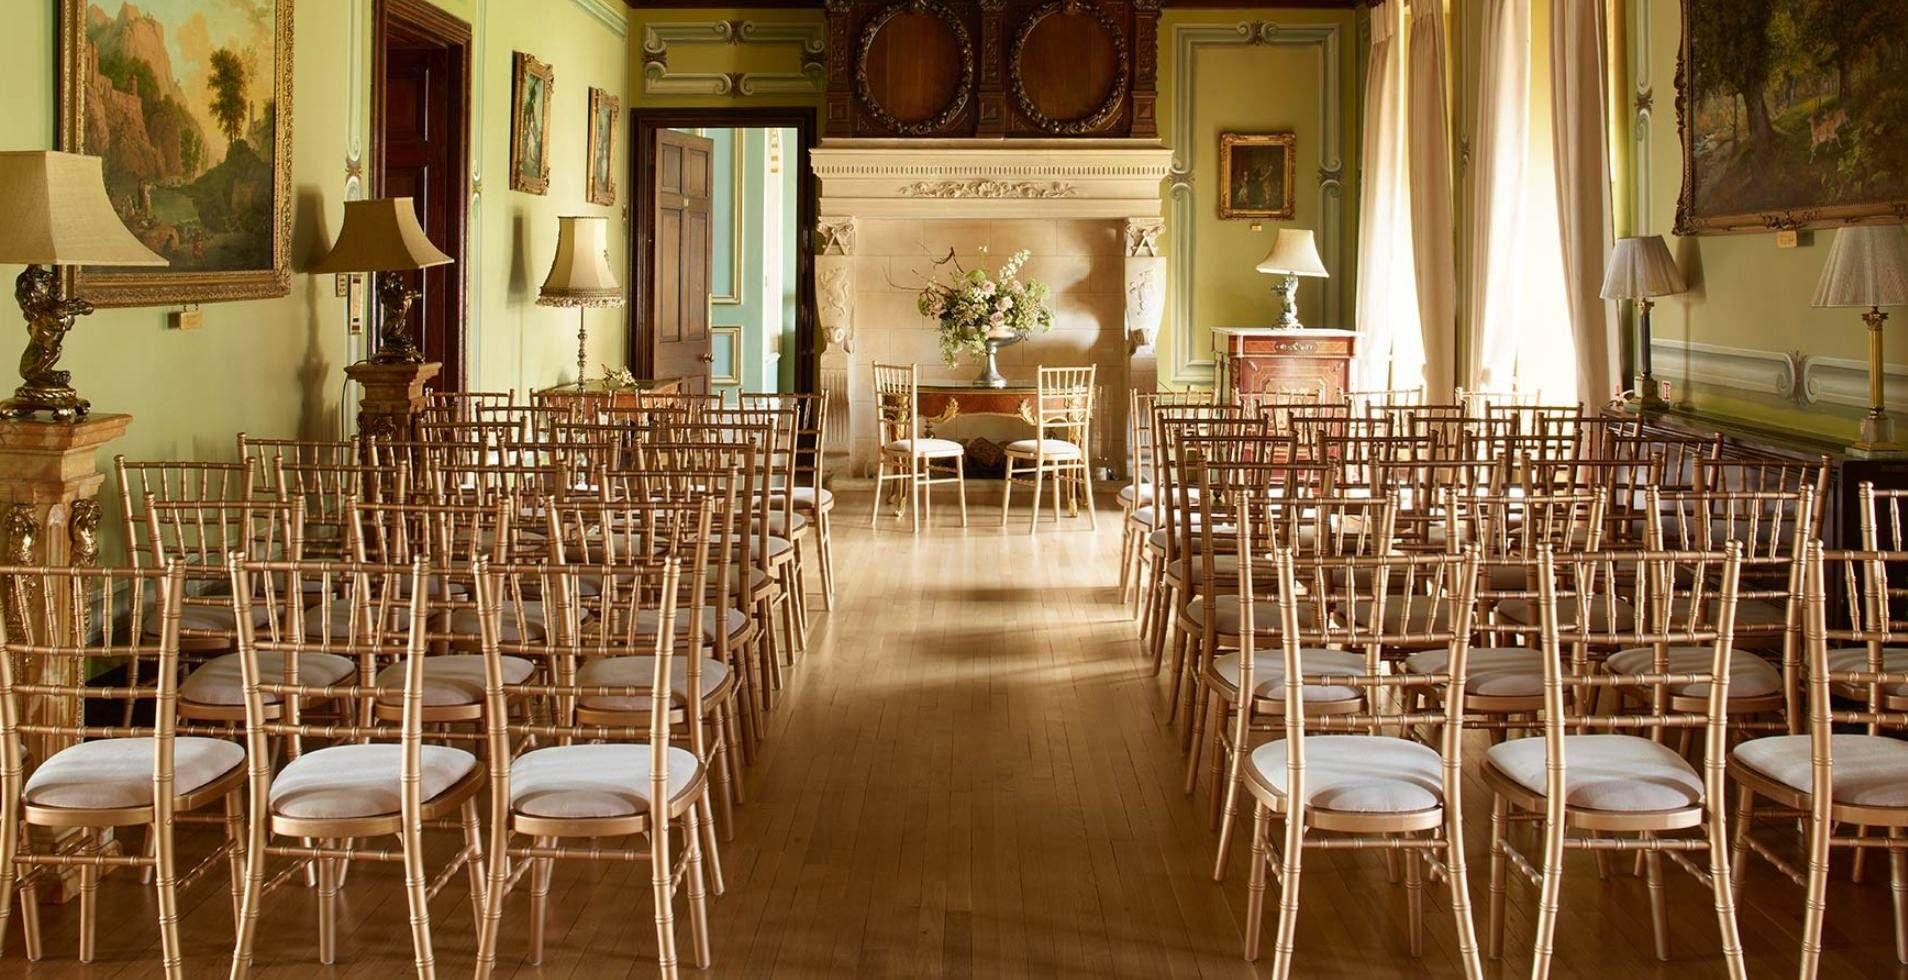 Wedding decoration ideas in the house  Ceremonies  Fetcham Park  Wedding Venues  Pinterest  Civil